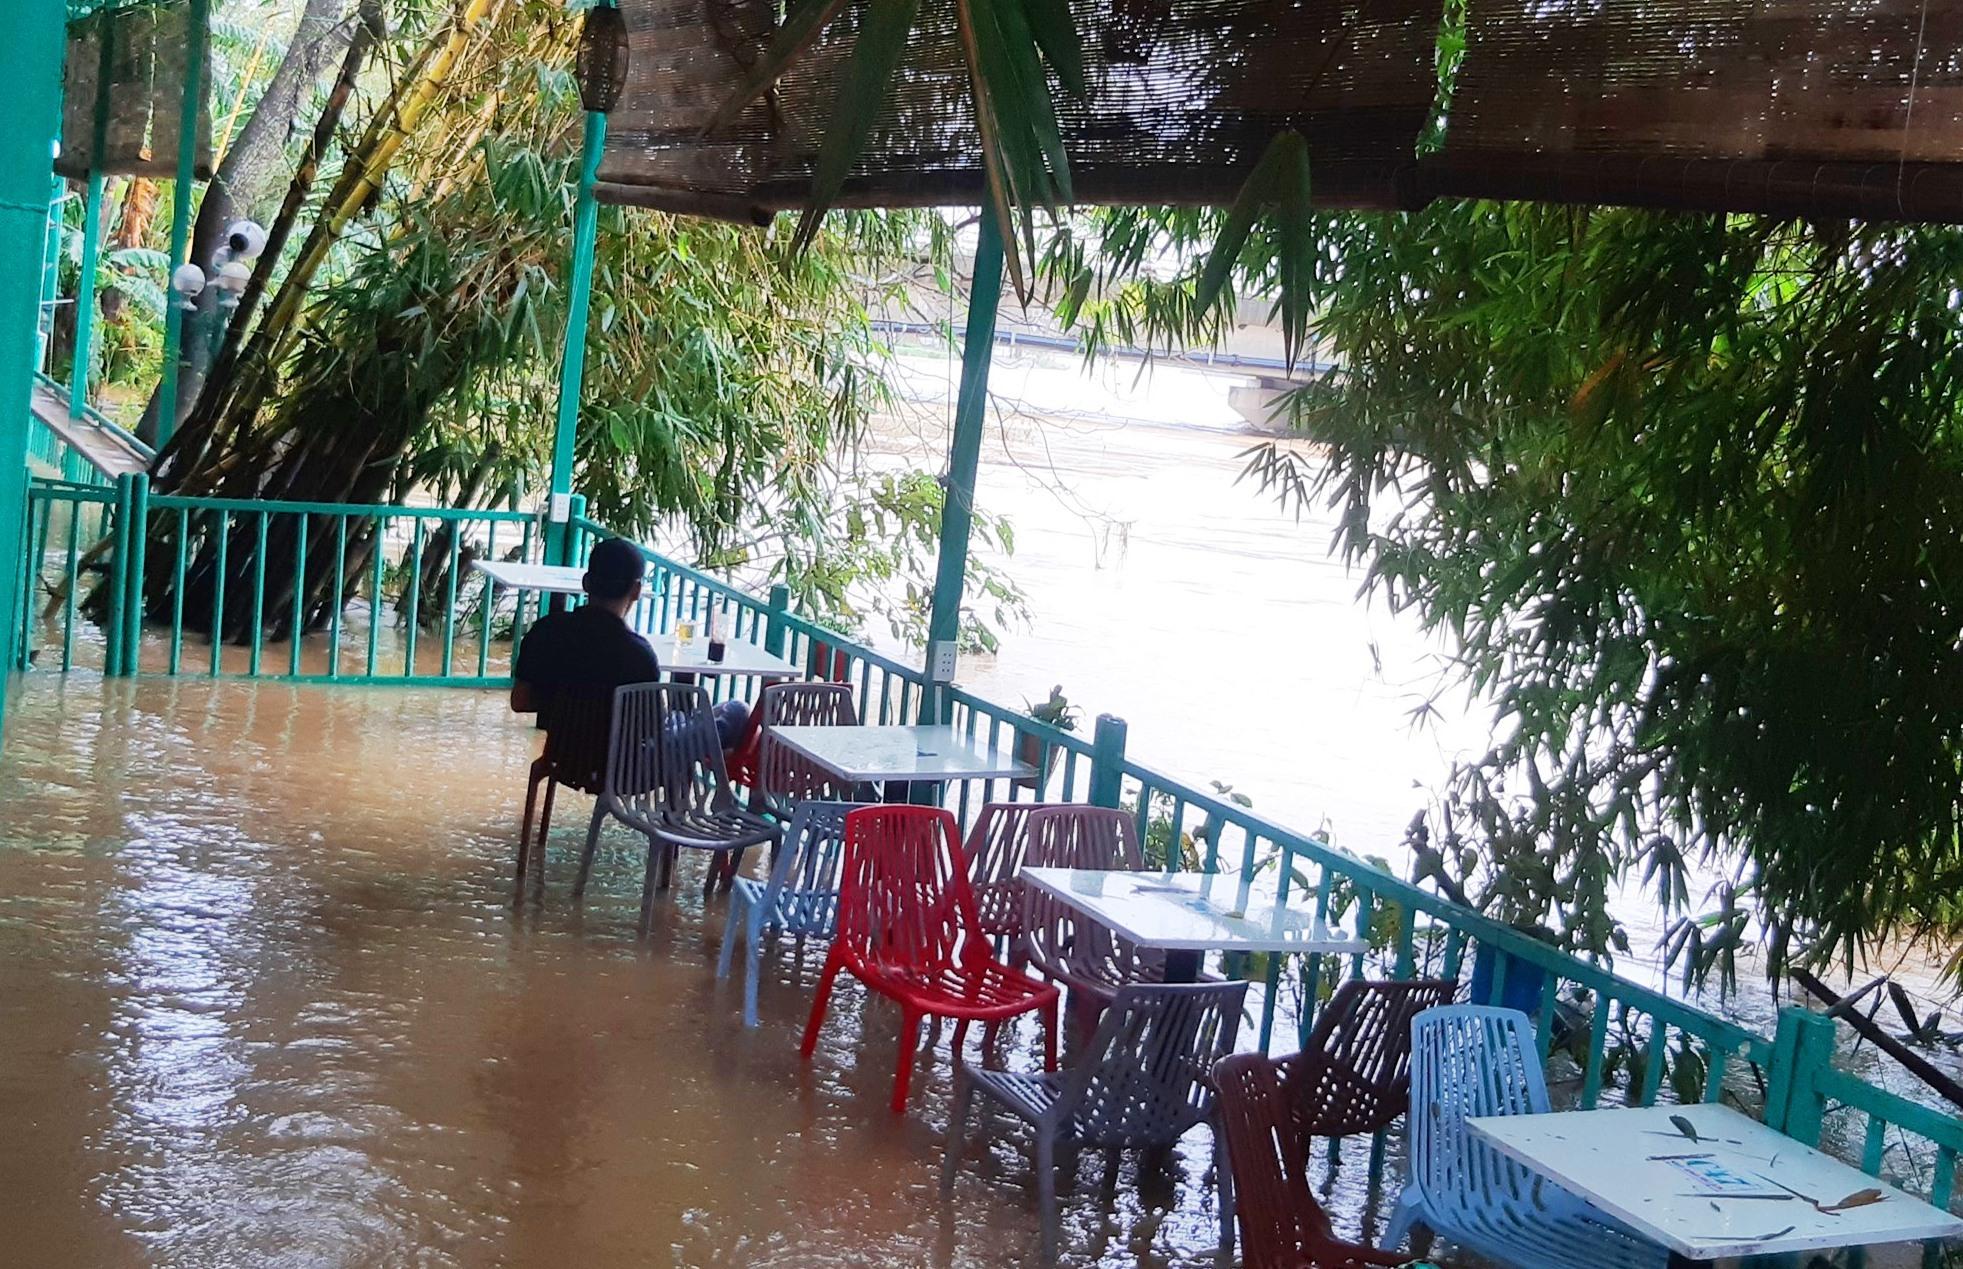 Nước lũ đã tràn lên một quán cà phê ven sông Vu Gia tại cầu Ái Nghĩa. Ảnh: HOÀNG LIÊN